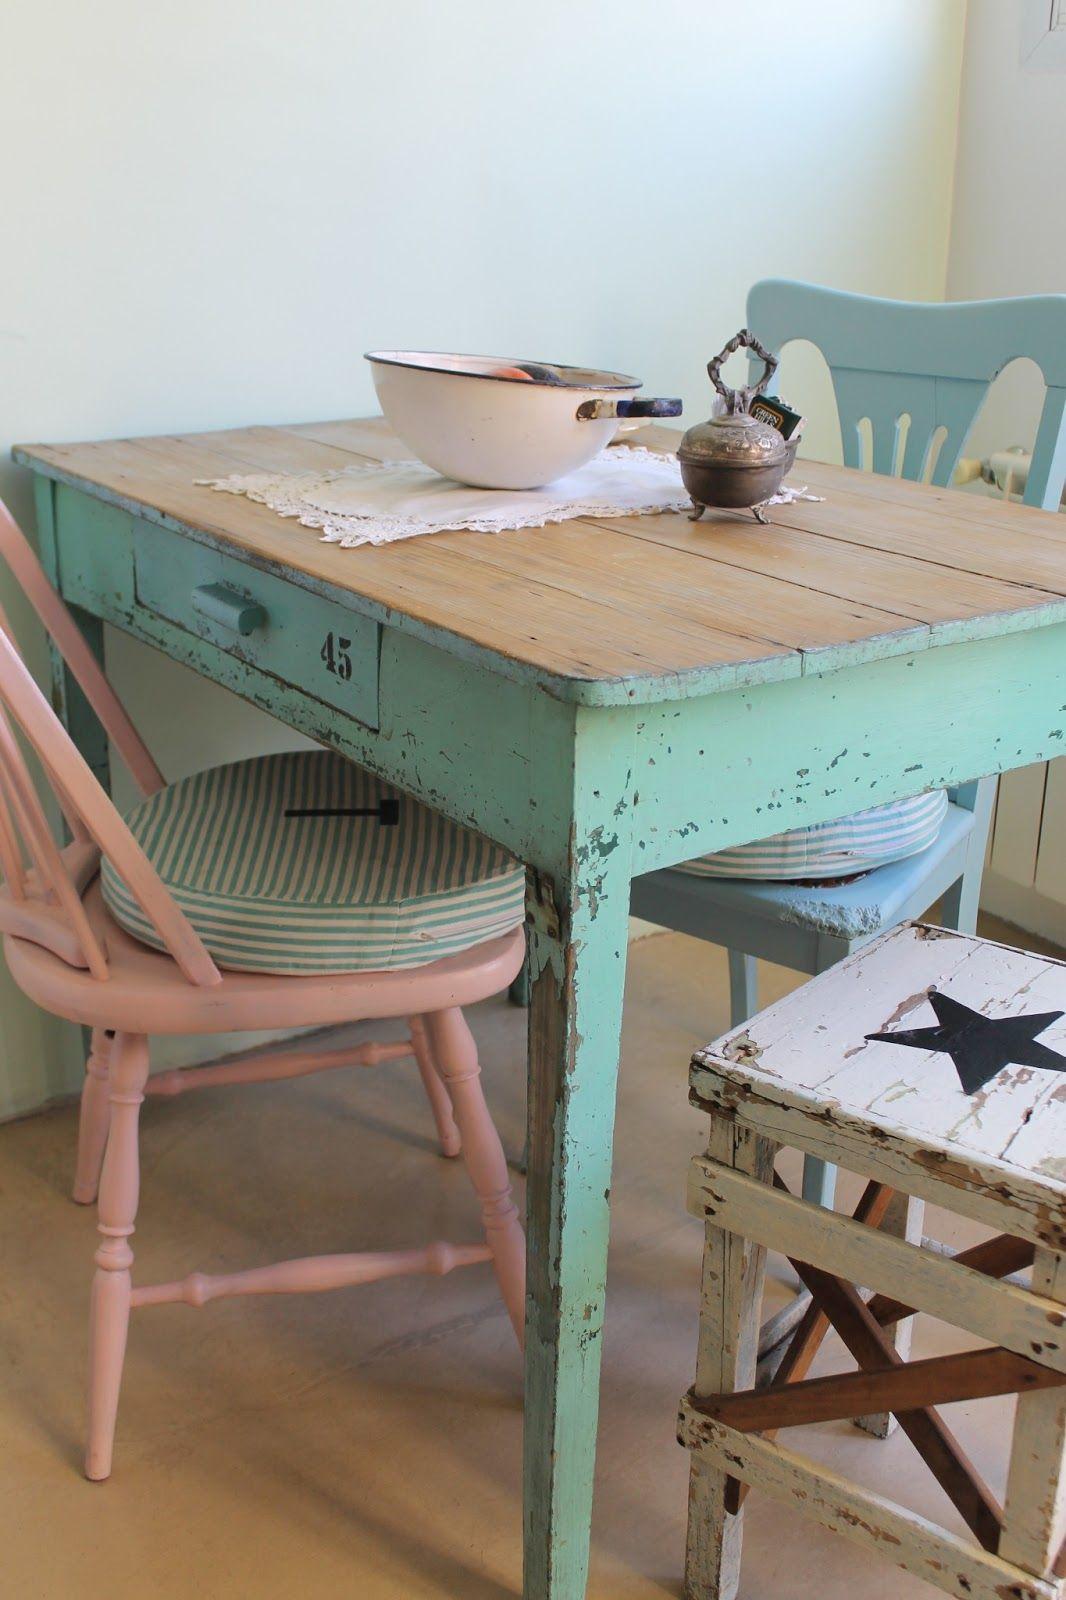 Dale un toque r stico provenzal a tus muebles para tu casa - Muebles casa de campo ...